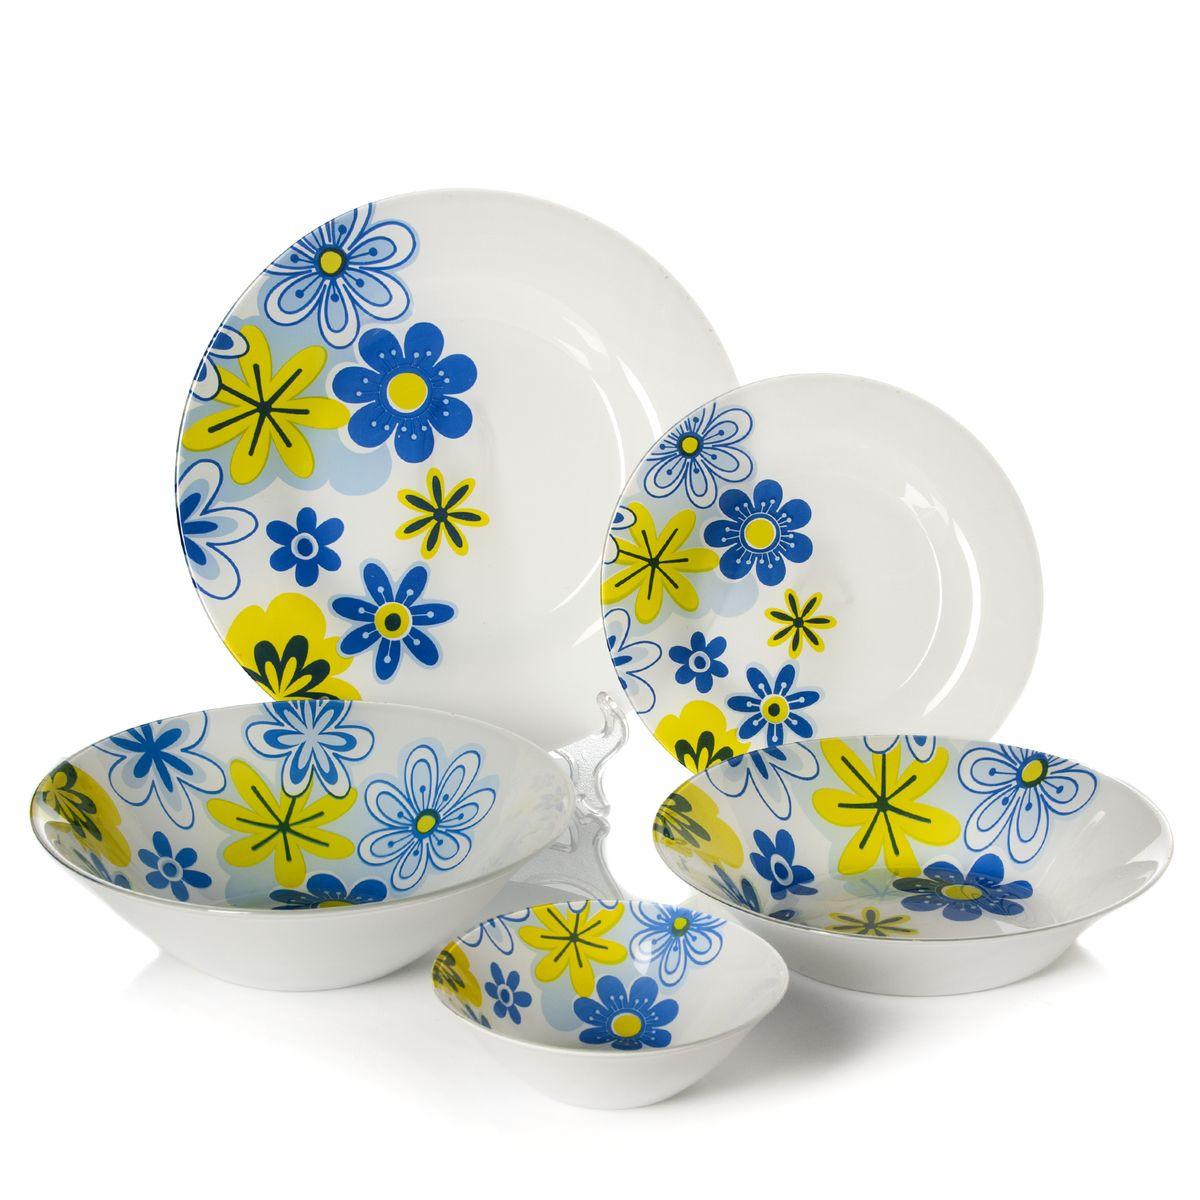 Набор столовый Pasabahce Spring, цвет: белый, голубой, 25 предметов95665BСтоловый набор Pasabahce Spring состоит из шести суповых тарелок, шести десертных тарелок, шести обеденных тарелок и семи салатников. Предметы набора выполнены из натрий-кальций-силикатного стекла, благодаря чему посуда будет использоваться очень долго, при этом сохраняя свой внешний вид. Предметы набора имеют повышенную термостойкость. Набор создаст отличное настроение во время обеда, будет уместен на любой кухне и понравится каждой хозяйке. Красочное оформление предметов набора придает ему оригинальность и торжественность. Практичный и современный дизайн делает набор довольно простым и удобным в эксплуатации.Предметы набора можно мыть в посудомоечной машине.Диаметр суповой тарелки: 22 см.Высота стенок суповой тарелки: 5 см.Диаметр обеденной тарелки: 26 см.Диаметр десертной тарелки: 19,5 см.Диаметр большого салатника: 23 см.Высота стенок большого салатника: 7 см.Диаметр салатника: 14 см.Высота стенок салатника: 4,5 см.